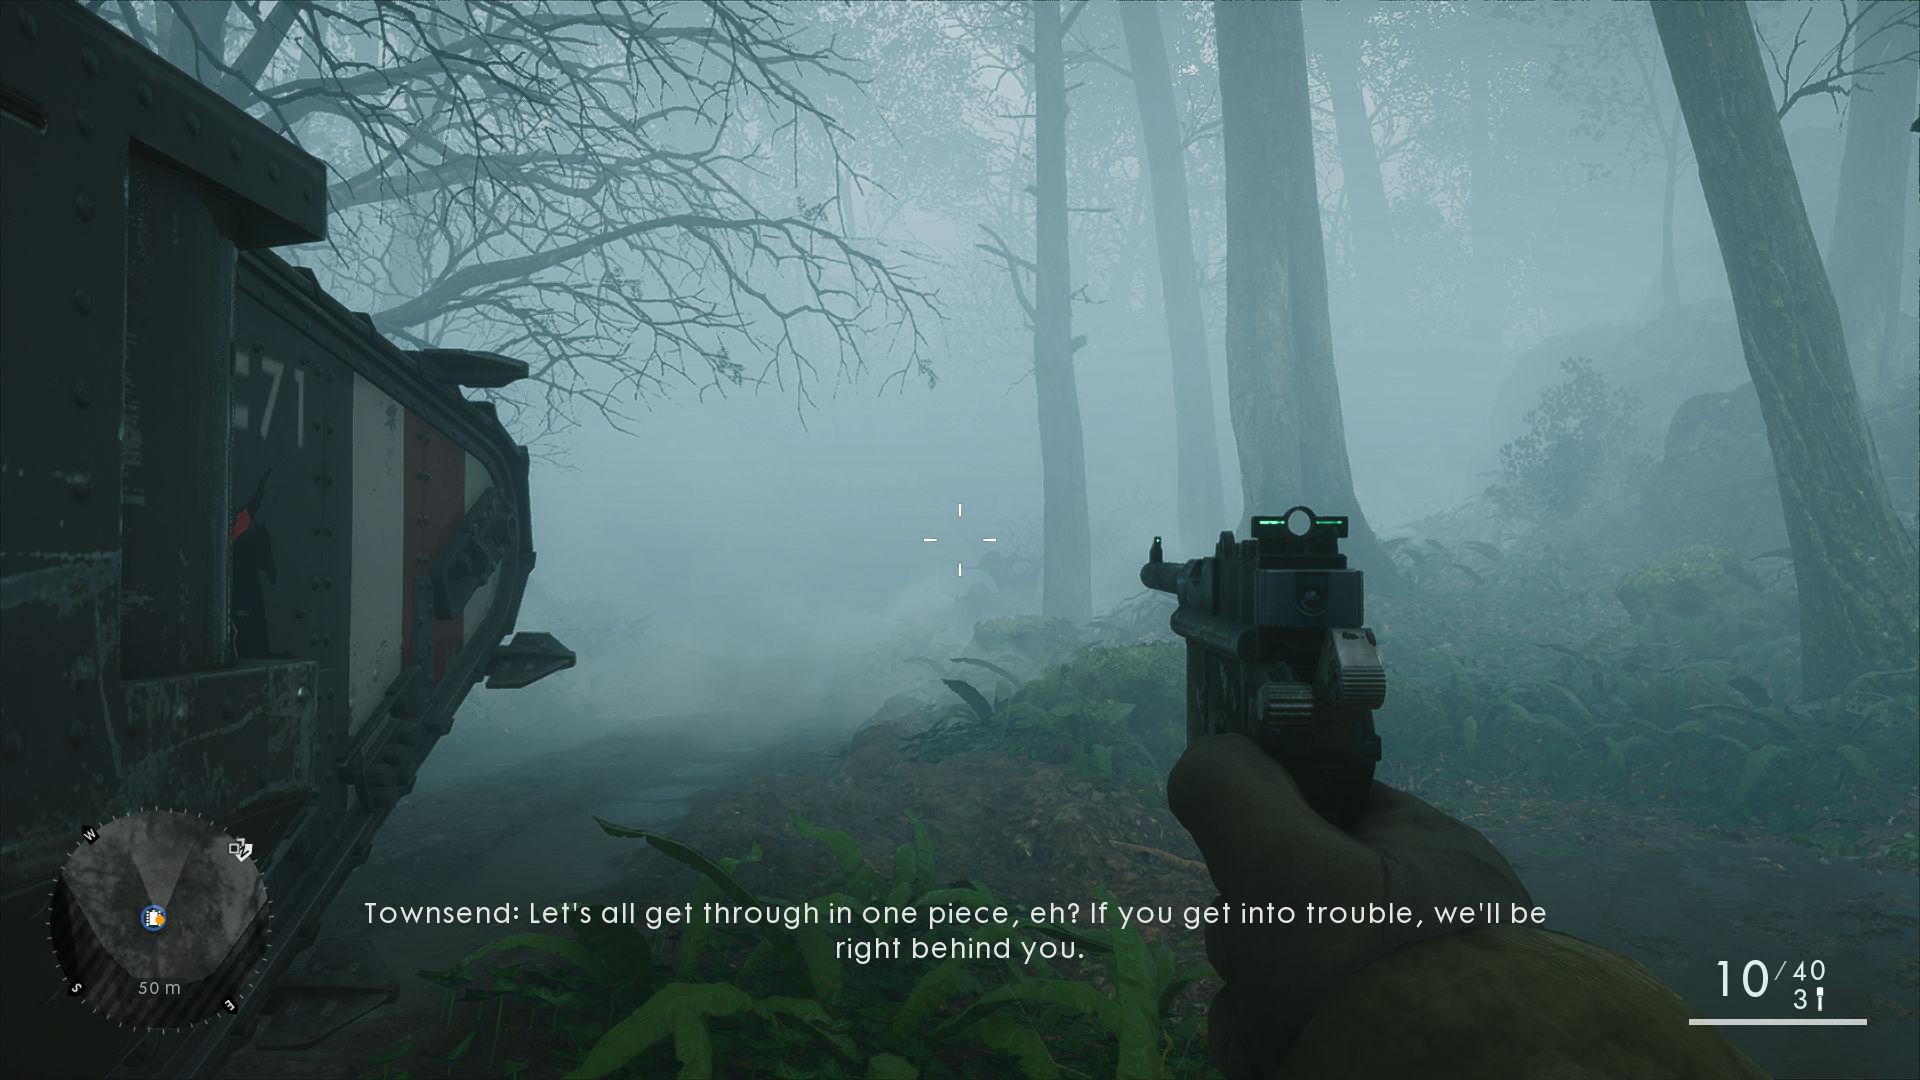 수정됨_Battlefield 1 2016.10.13 - 19.55.18.48.jpg